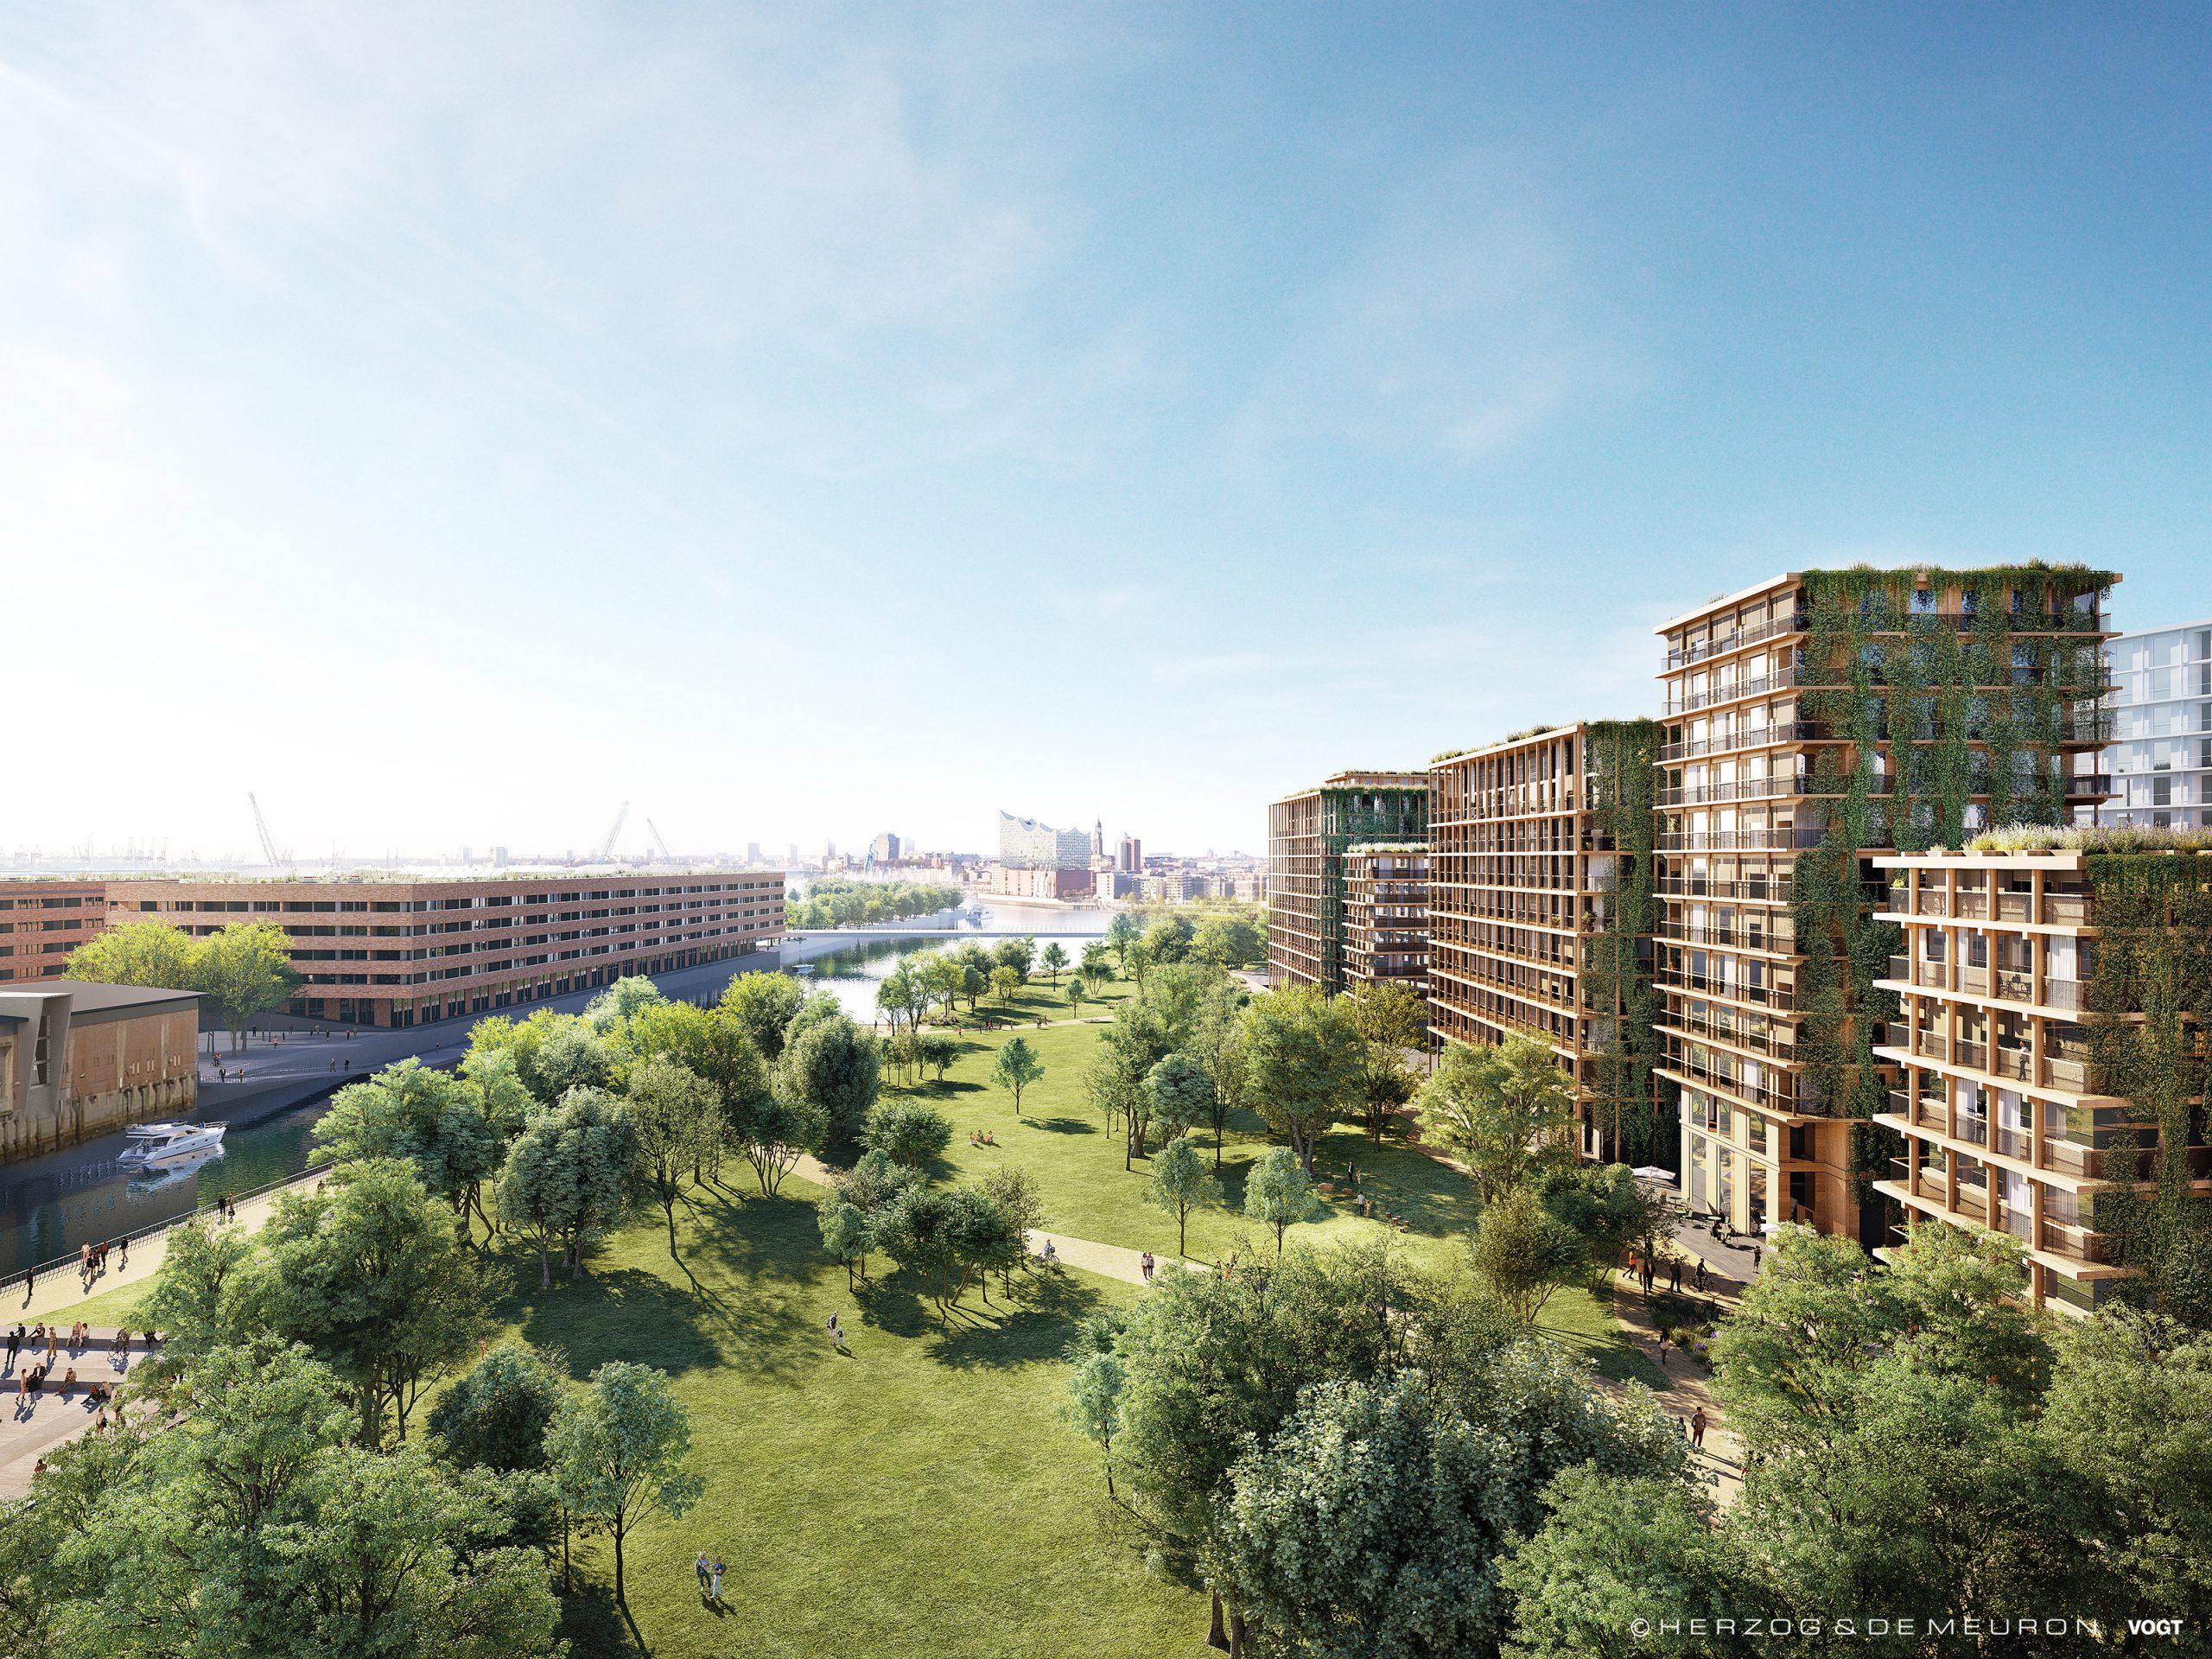 Die Visualisierung zeigt den Blick von Westen auf den Park und den Moldauhafen.